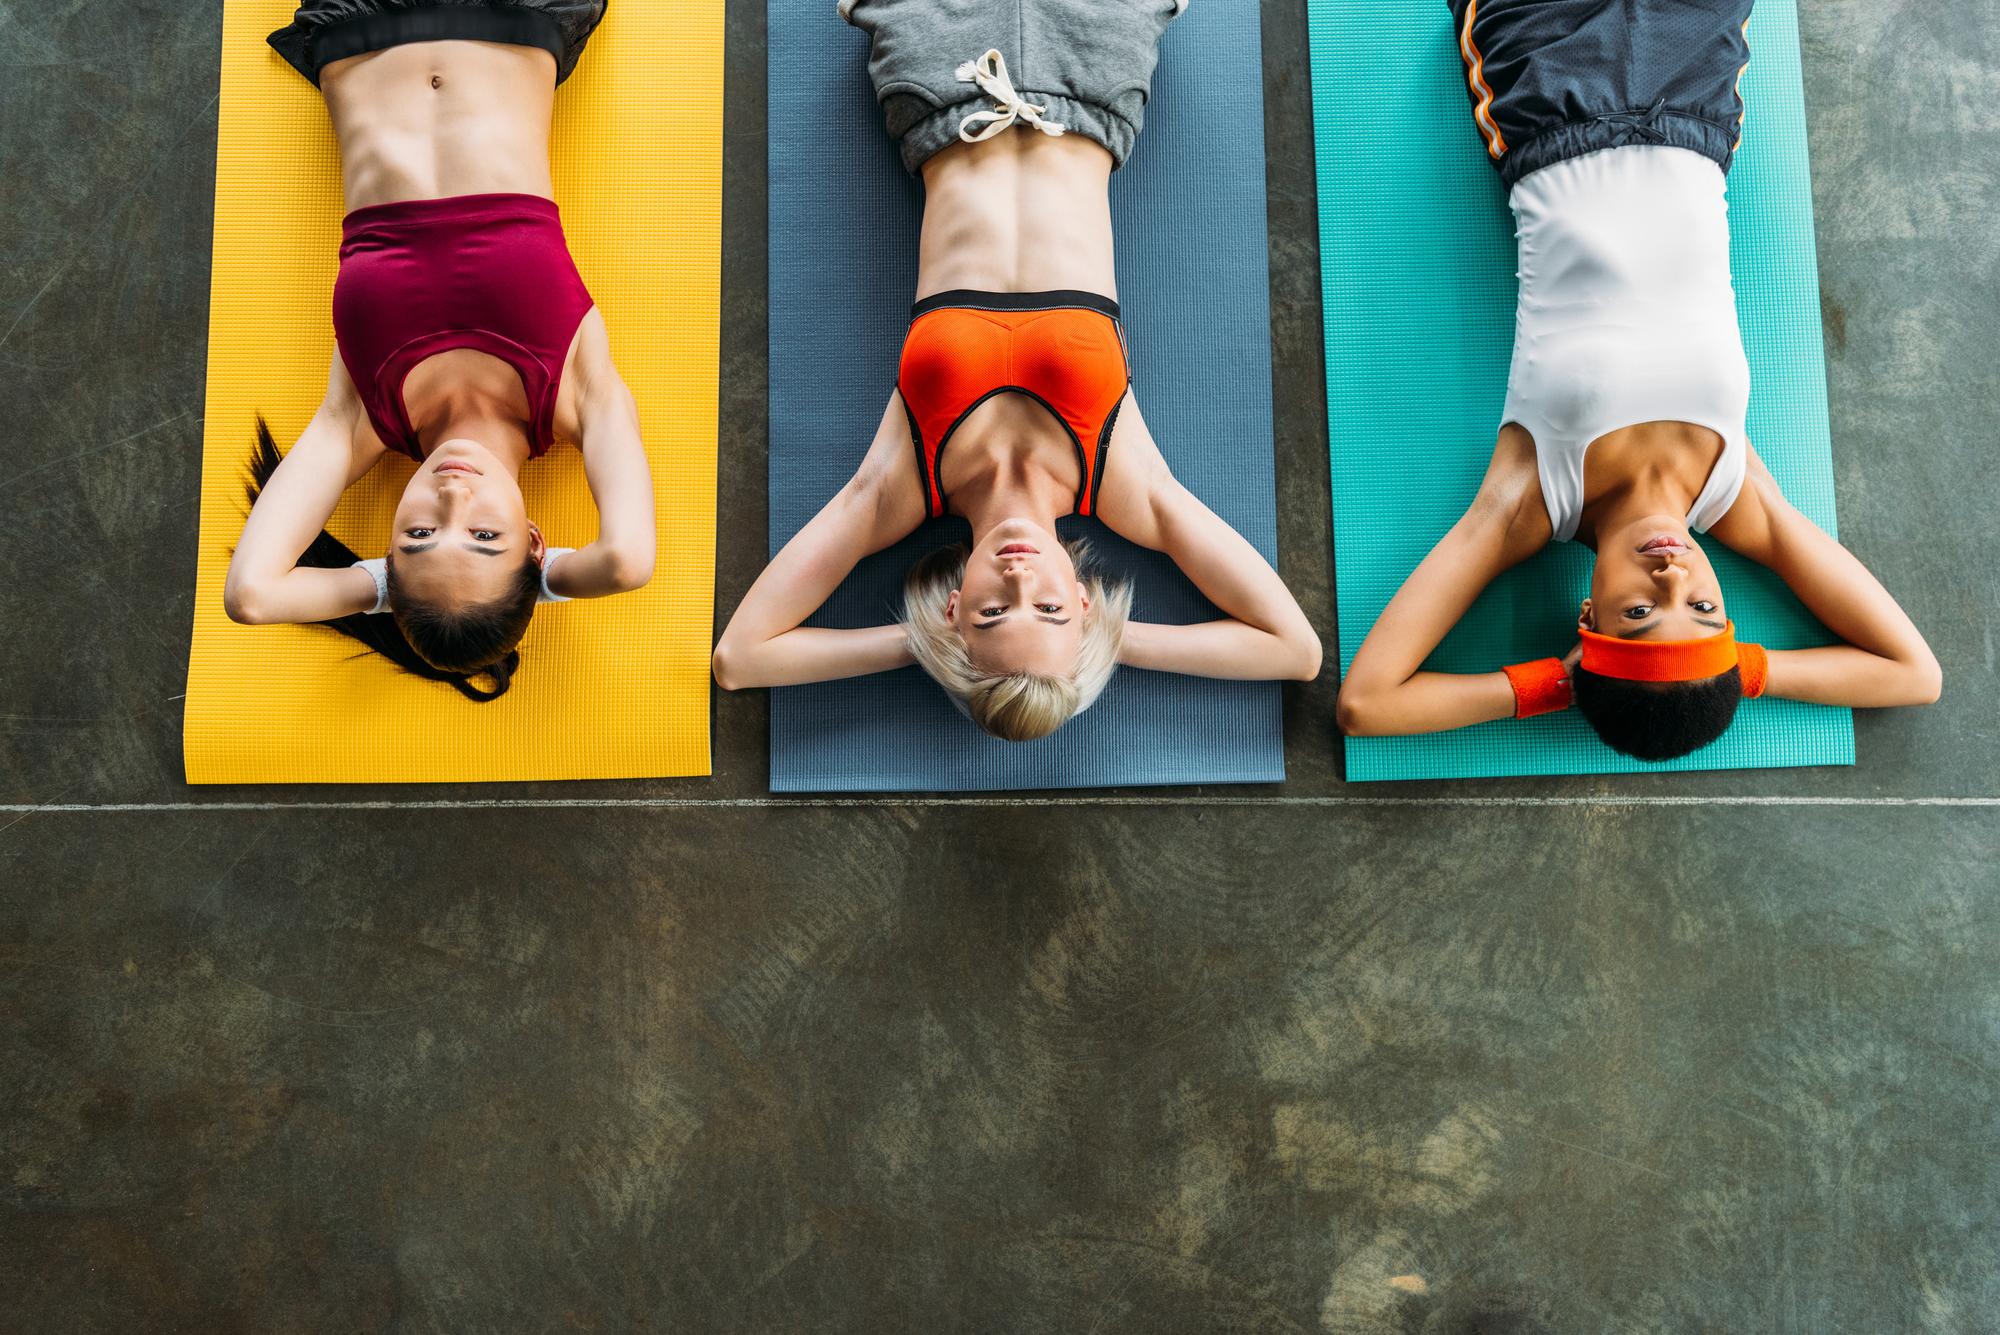 Praticar atividade física diminui os sintomas da TPM